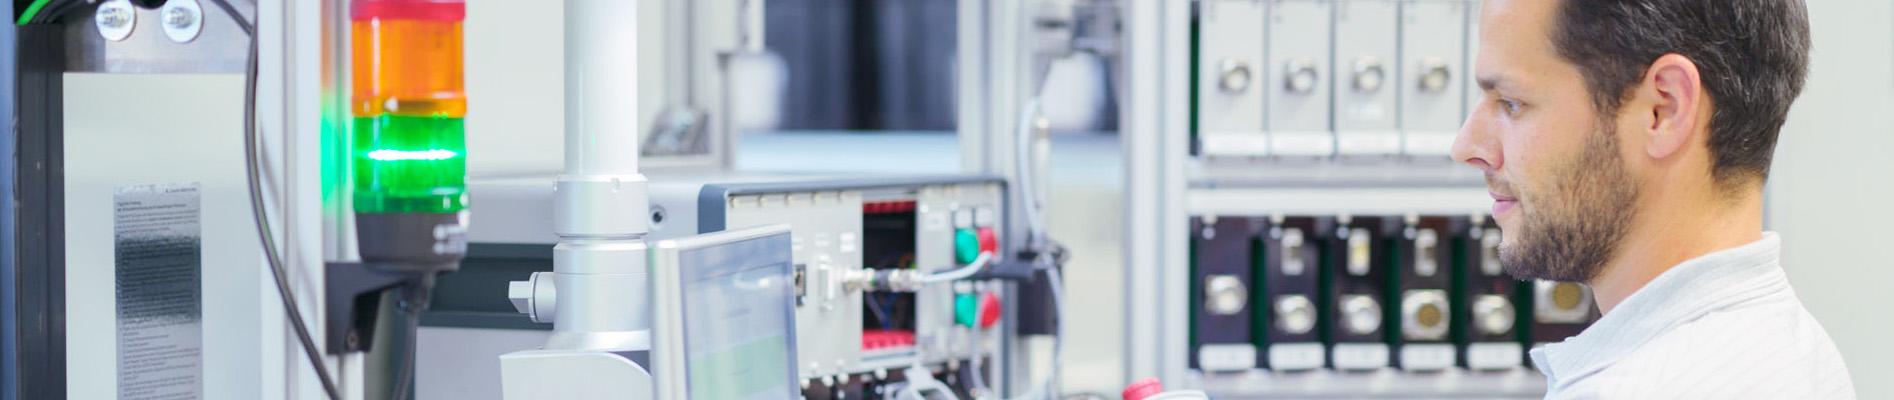 质量控制标准远远超过工业标准